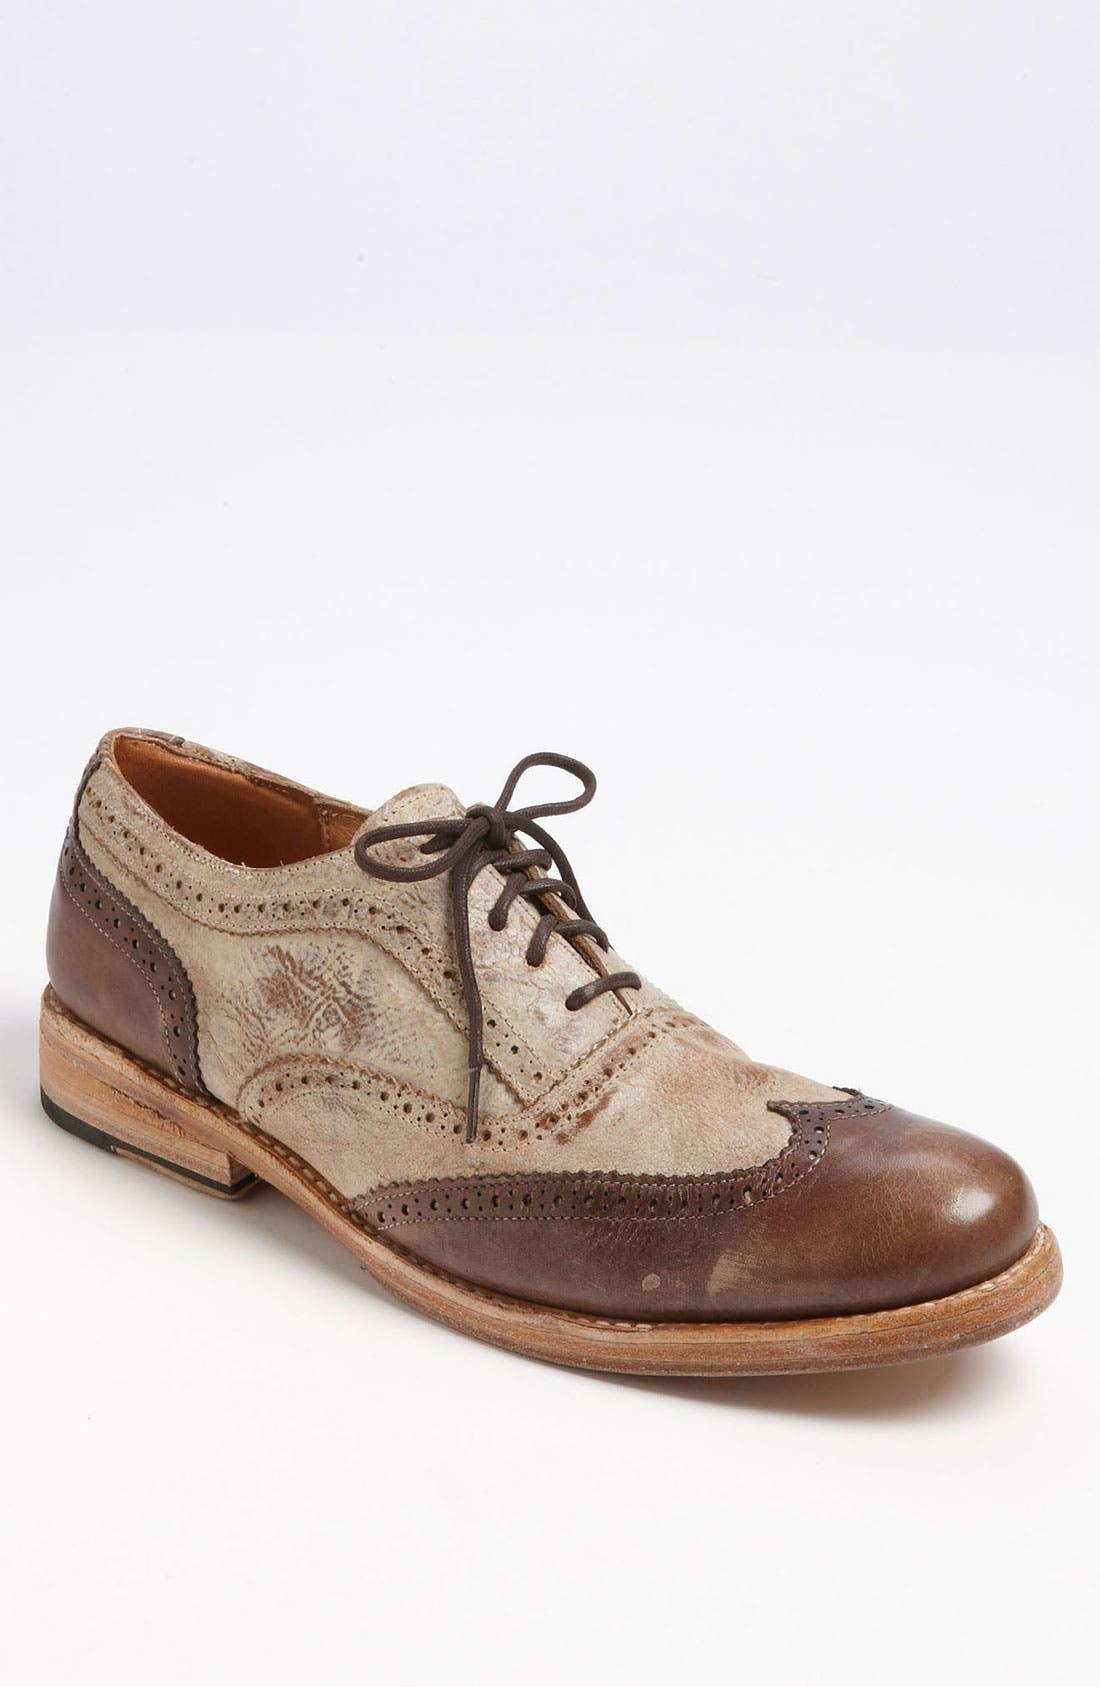 Main Image - Bed Stu 'Corsico' Wingtip Spectator Shoe